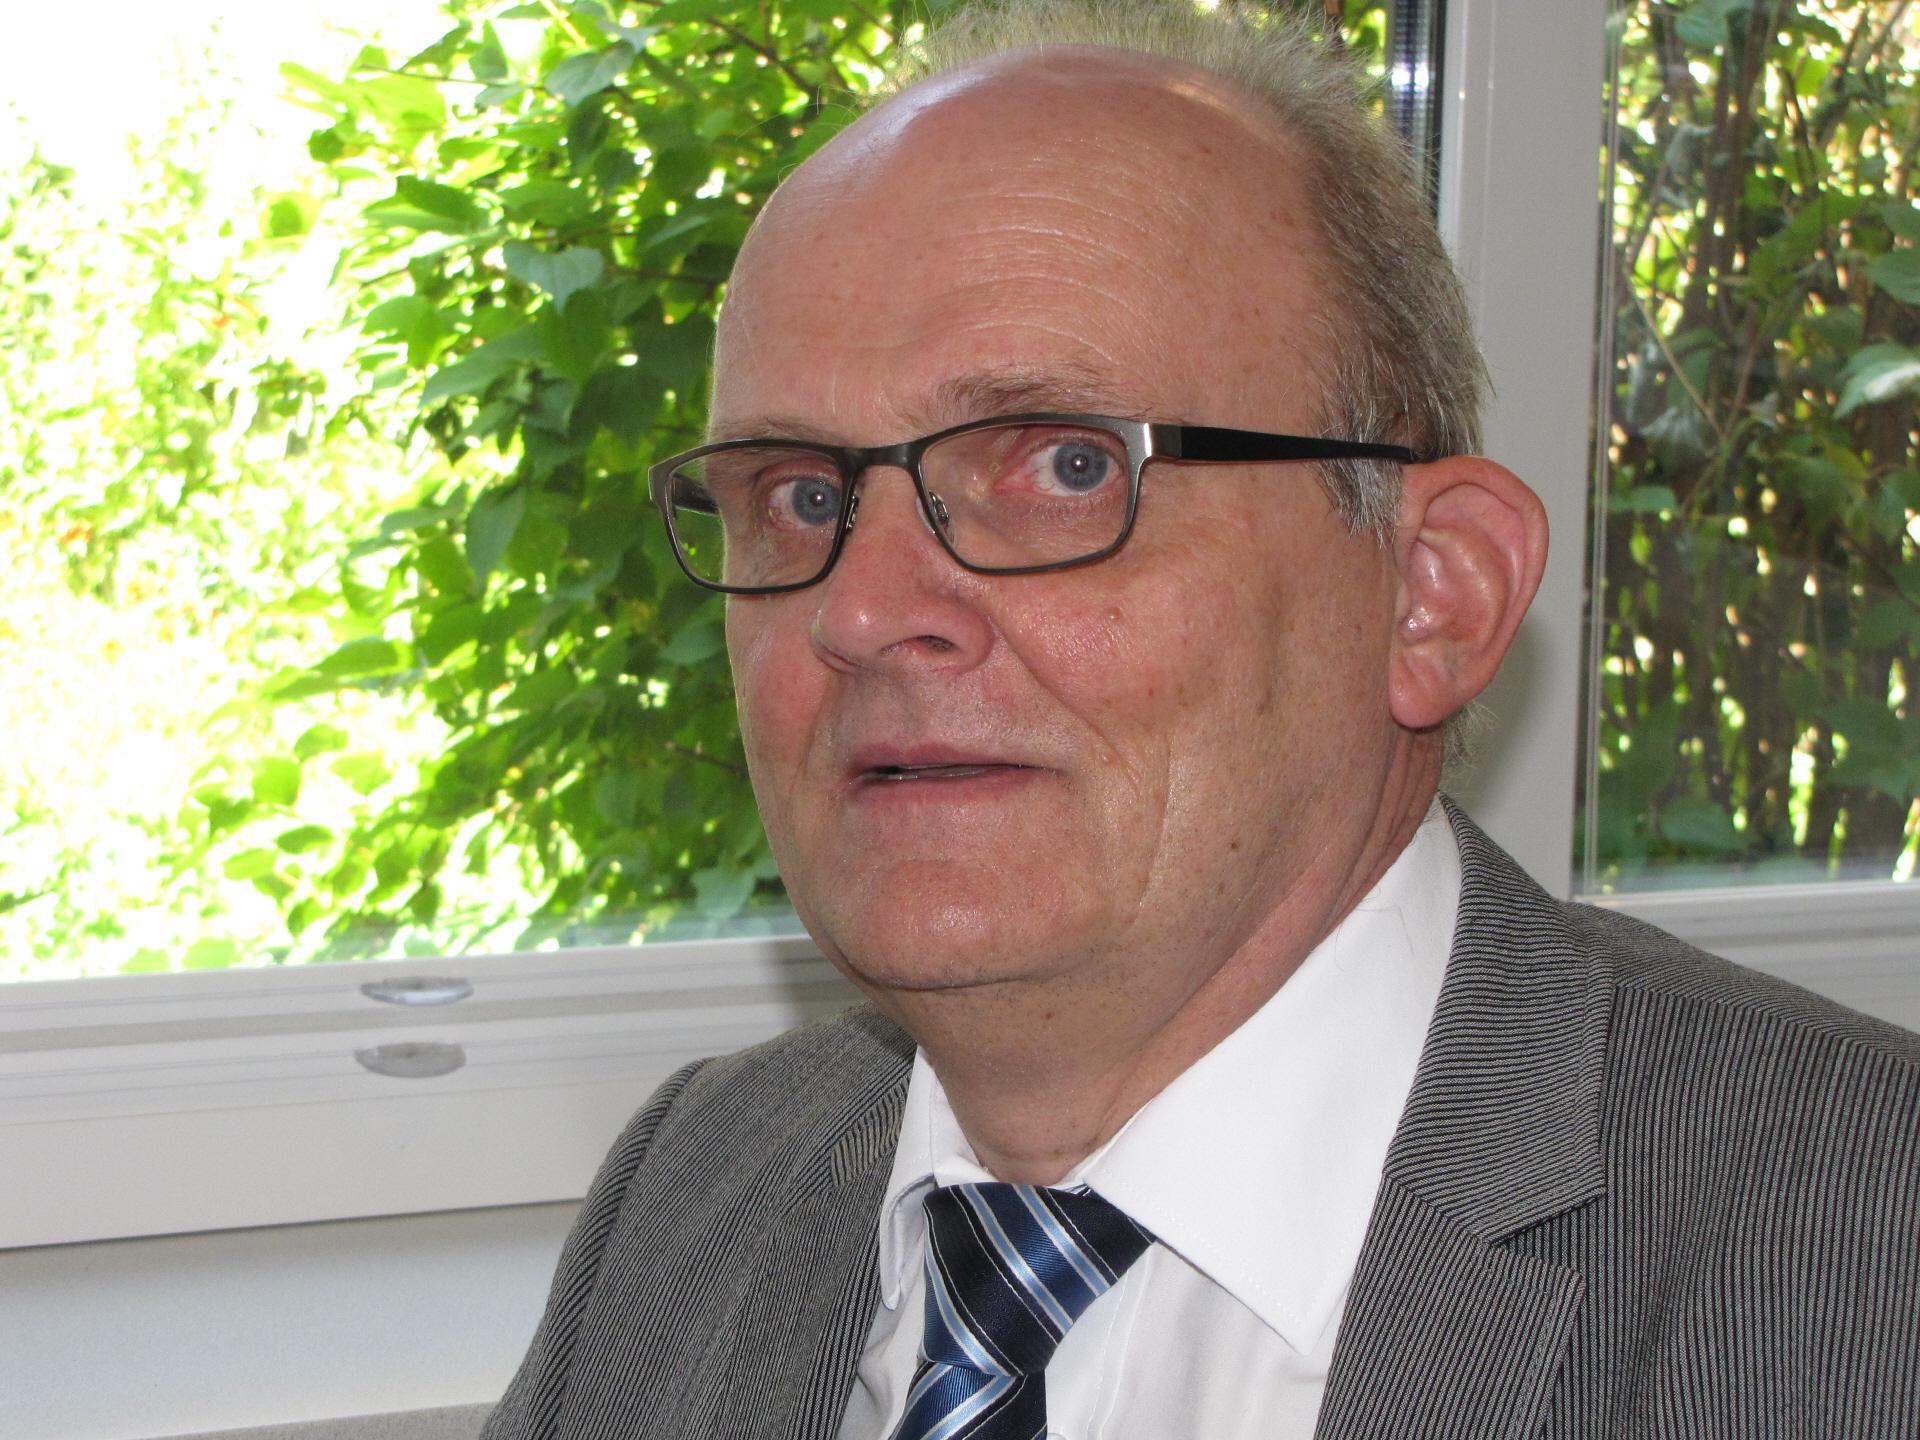 Josef Kalvelage geht nach 23 Jahren als Schulleiter der Oberschule Dinklage mit gymnasialem Zweig jetzt in den Ruhestand. Foto: Röttgers